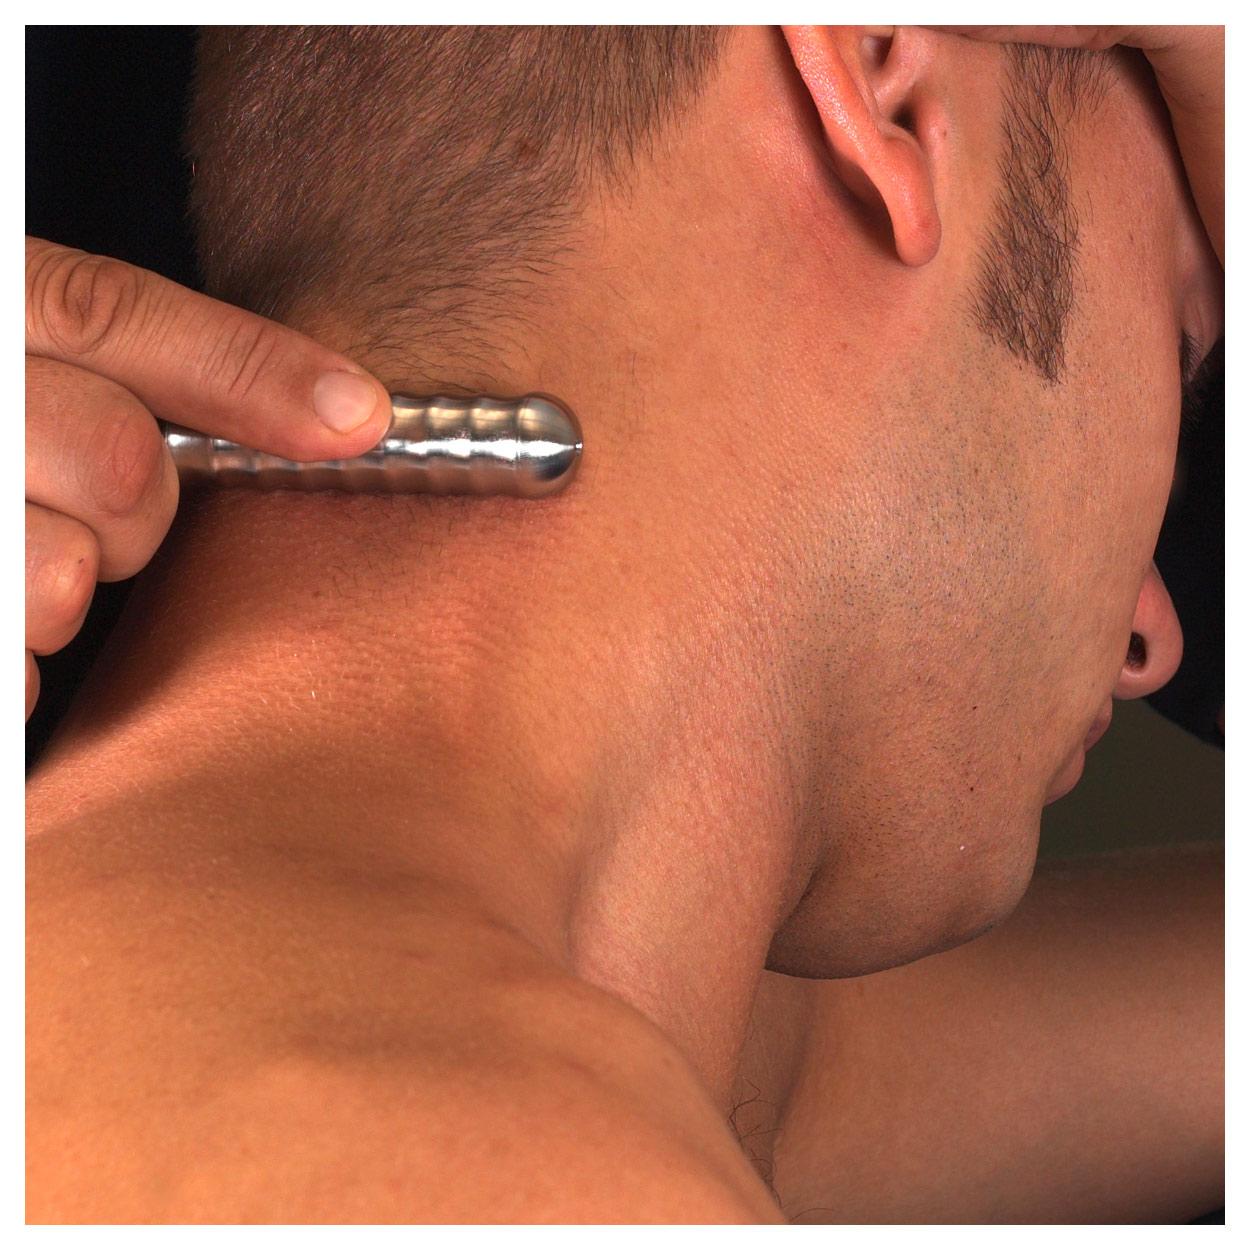 Massagestab Massagestäbchen Physiotherapie Thaimassage Stab